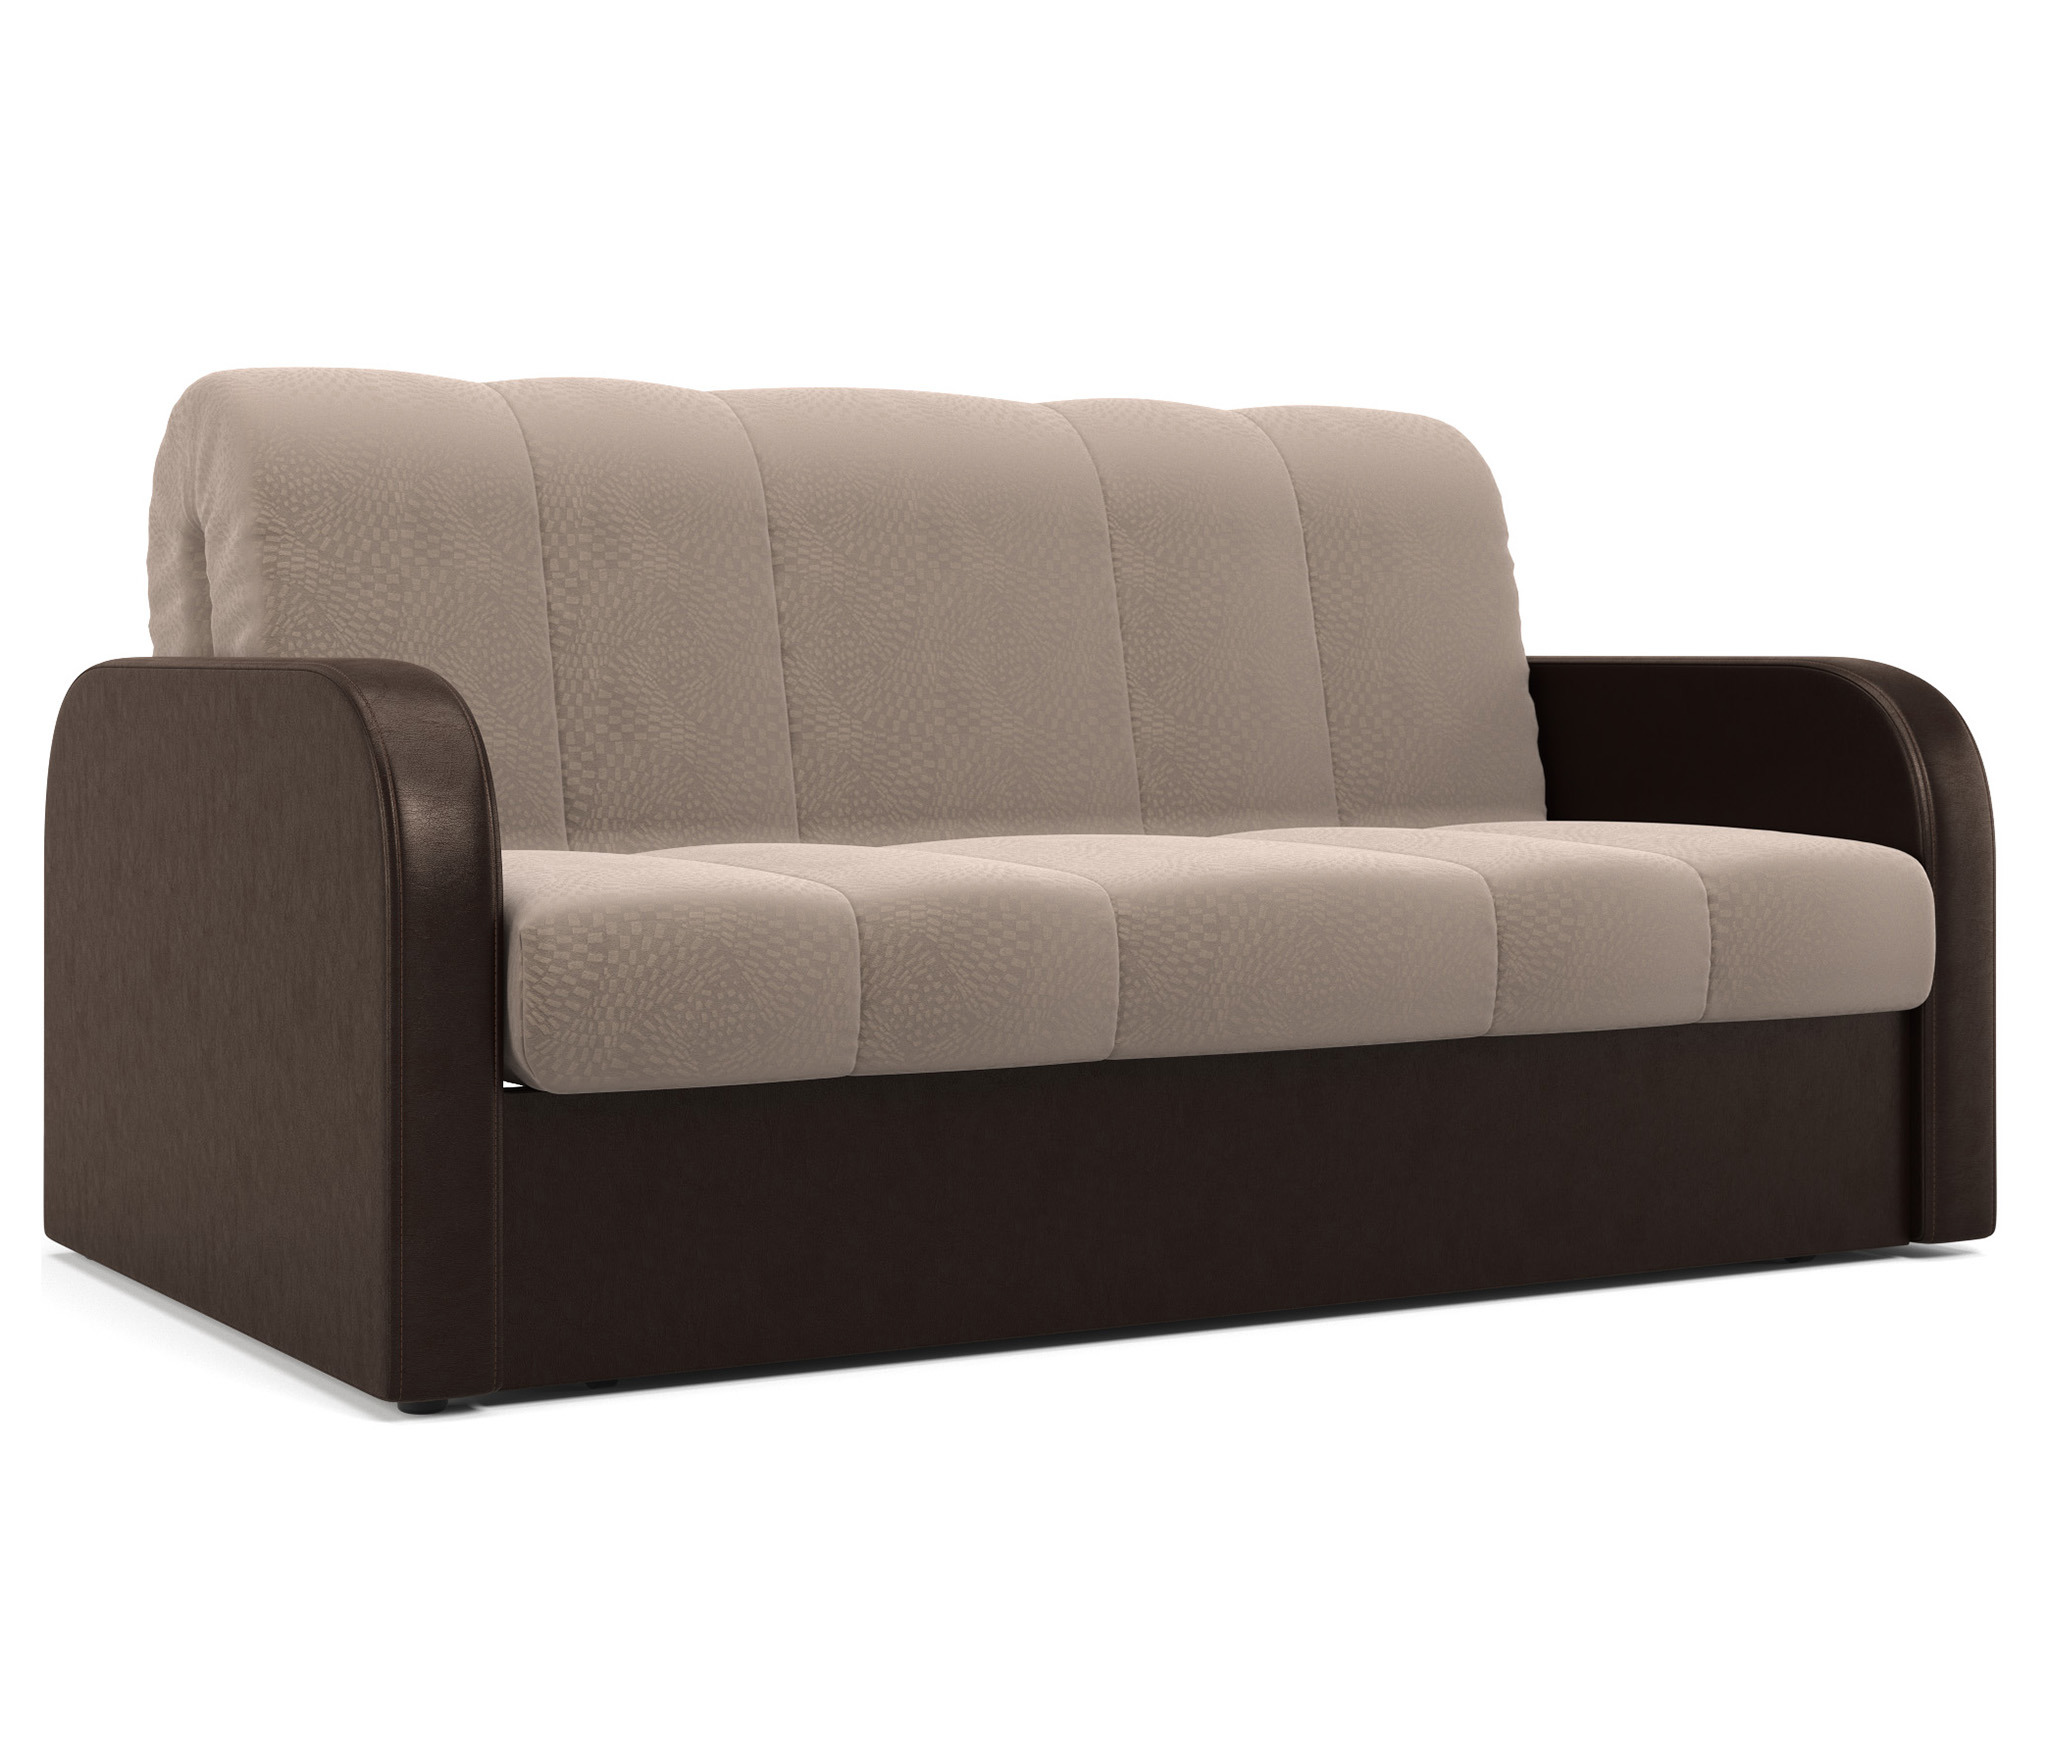 Спейс 1,4 диван-кроватьМягкая мебель<br>Материал обивки:&#13;Спейс 1,4 диван-кровать Amsterdam Sepia/Лакаванна Люкс 2002 - Искусственная кожа, Велюр&#13;Спейс 1,4 диван-кровать Shaggy Azure/Kolej cp 536 - Искусственная кожа, Шенилл&#13;Спейс 1,4 диван-кровать Kolej ср.536/ Fly 02 - Искусственная кожа, Велюр&#13;Спейс 1,4 диван-кровать Caramello com 02/ Estel 01 - Велюр&#13;Механизм трансформации: Аккордеон&#13;Наличие ящика для белья: нет&#13;Материал каркаса: Металлокаркас с ортопедическими латами&#13;Наполнитель: ППУ&#13;Размер спального места: 1460х2010 мм.&#13;Высота сиденья от пола: 42,5см.&#13;]]&gt;<br><br>Длина мм: 1650<br>Высота мм: 900<br>Глубина мм: 1000